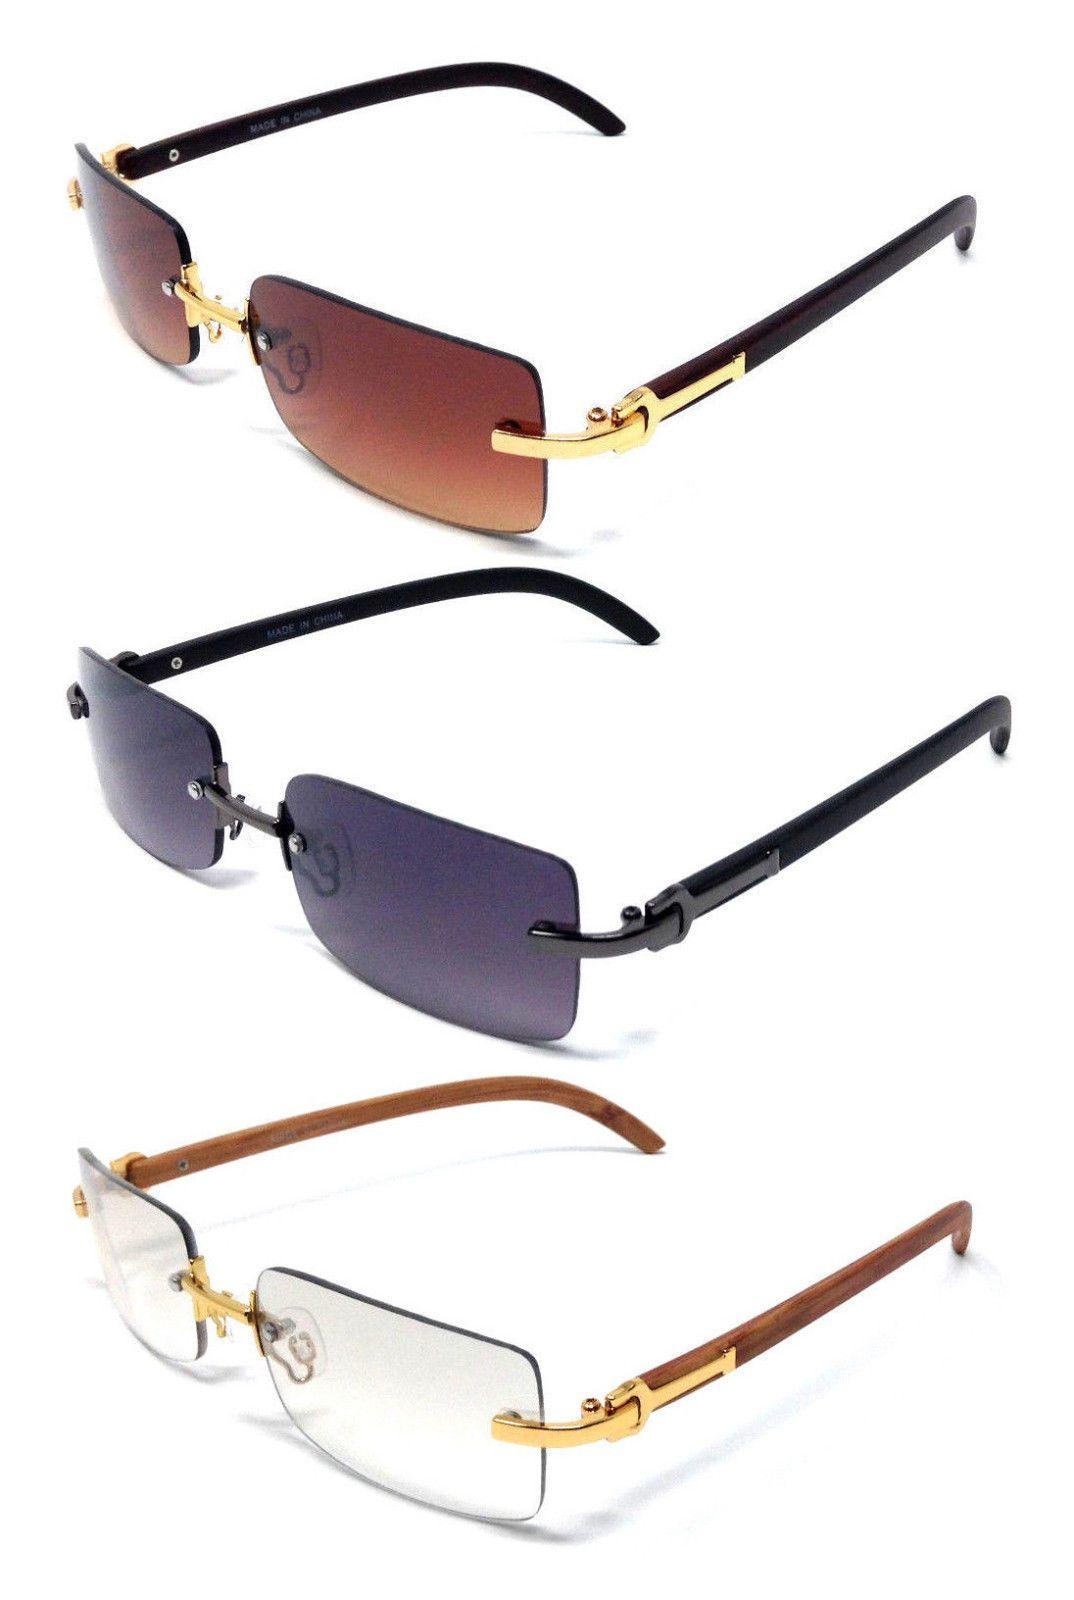 518abfe536e Premier Slim Rimless Rectangular Sunglasses Metal Wood Print Frame Luxury  Vtg